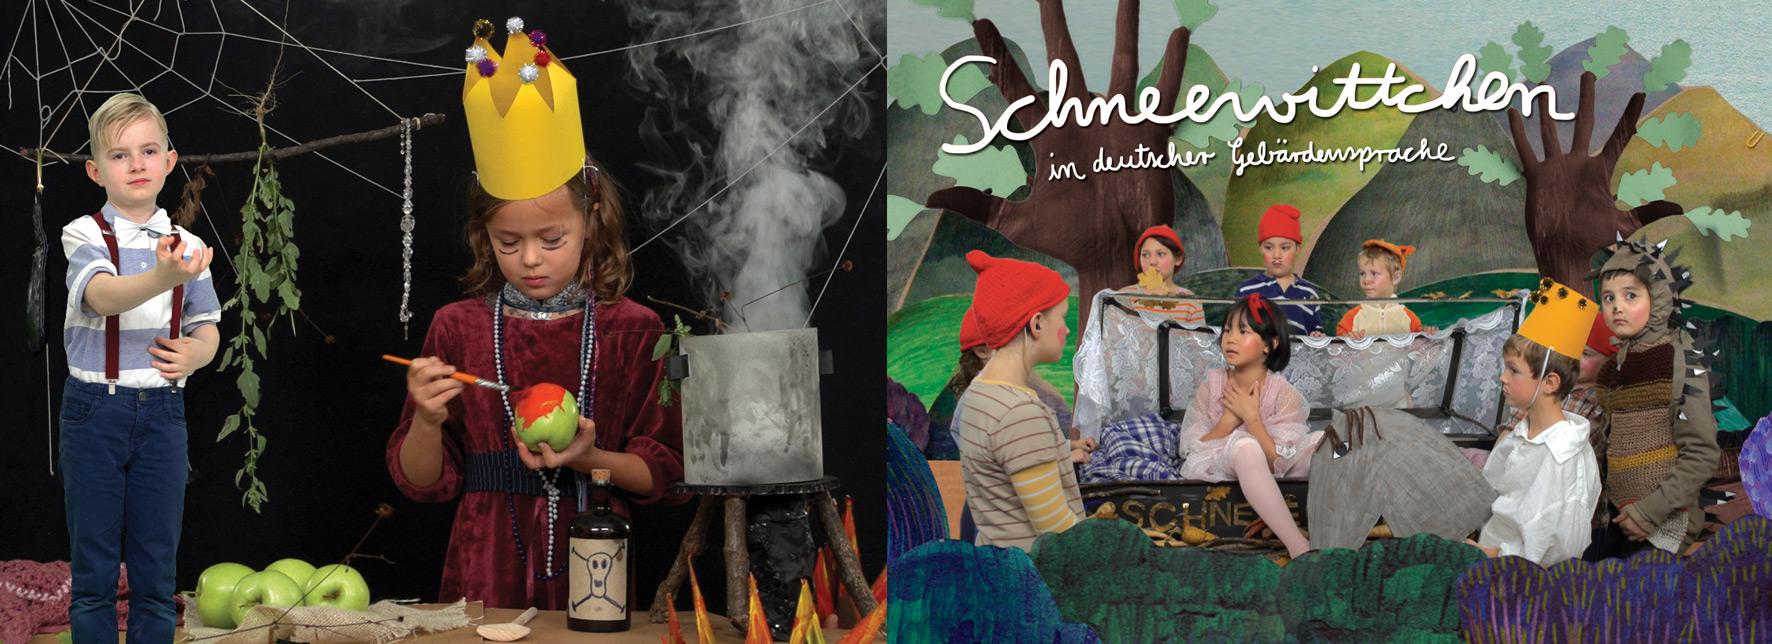 Postkarte_Schneewittchen1